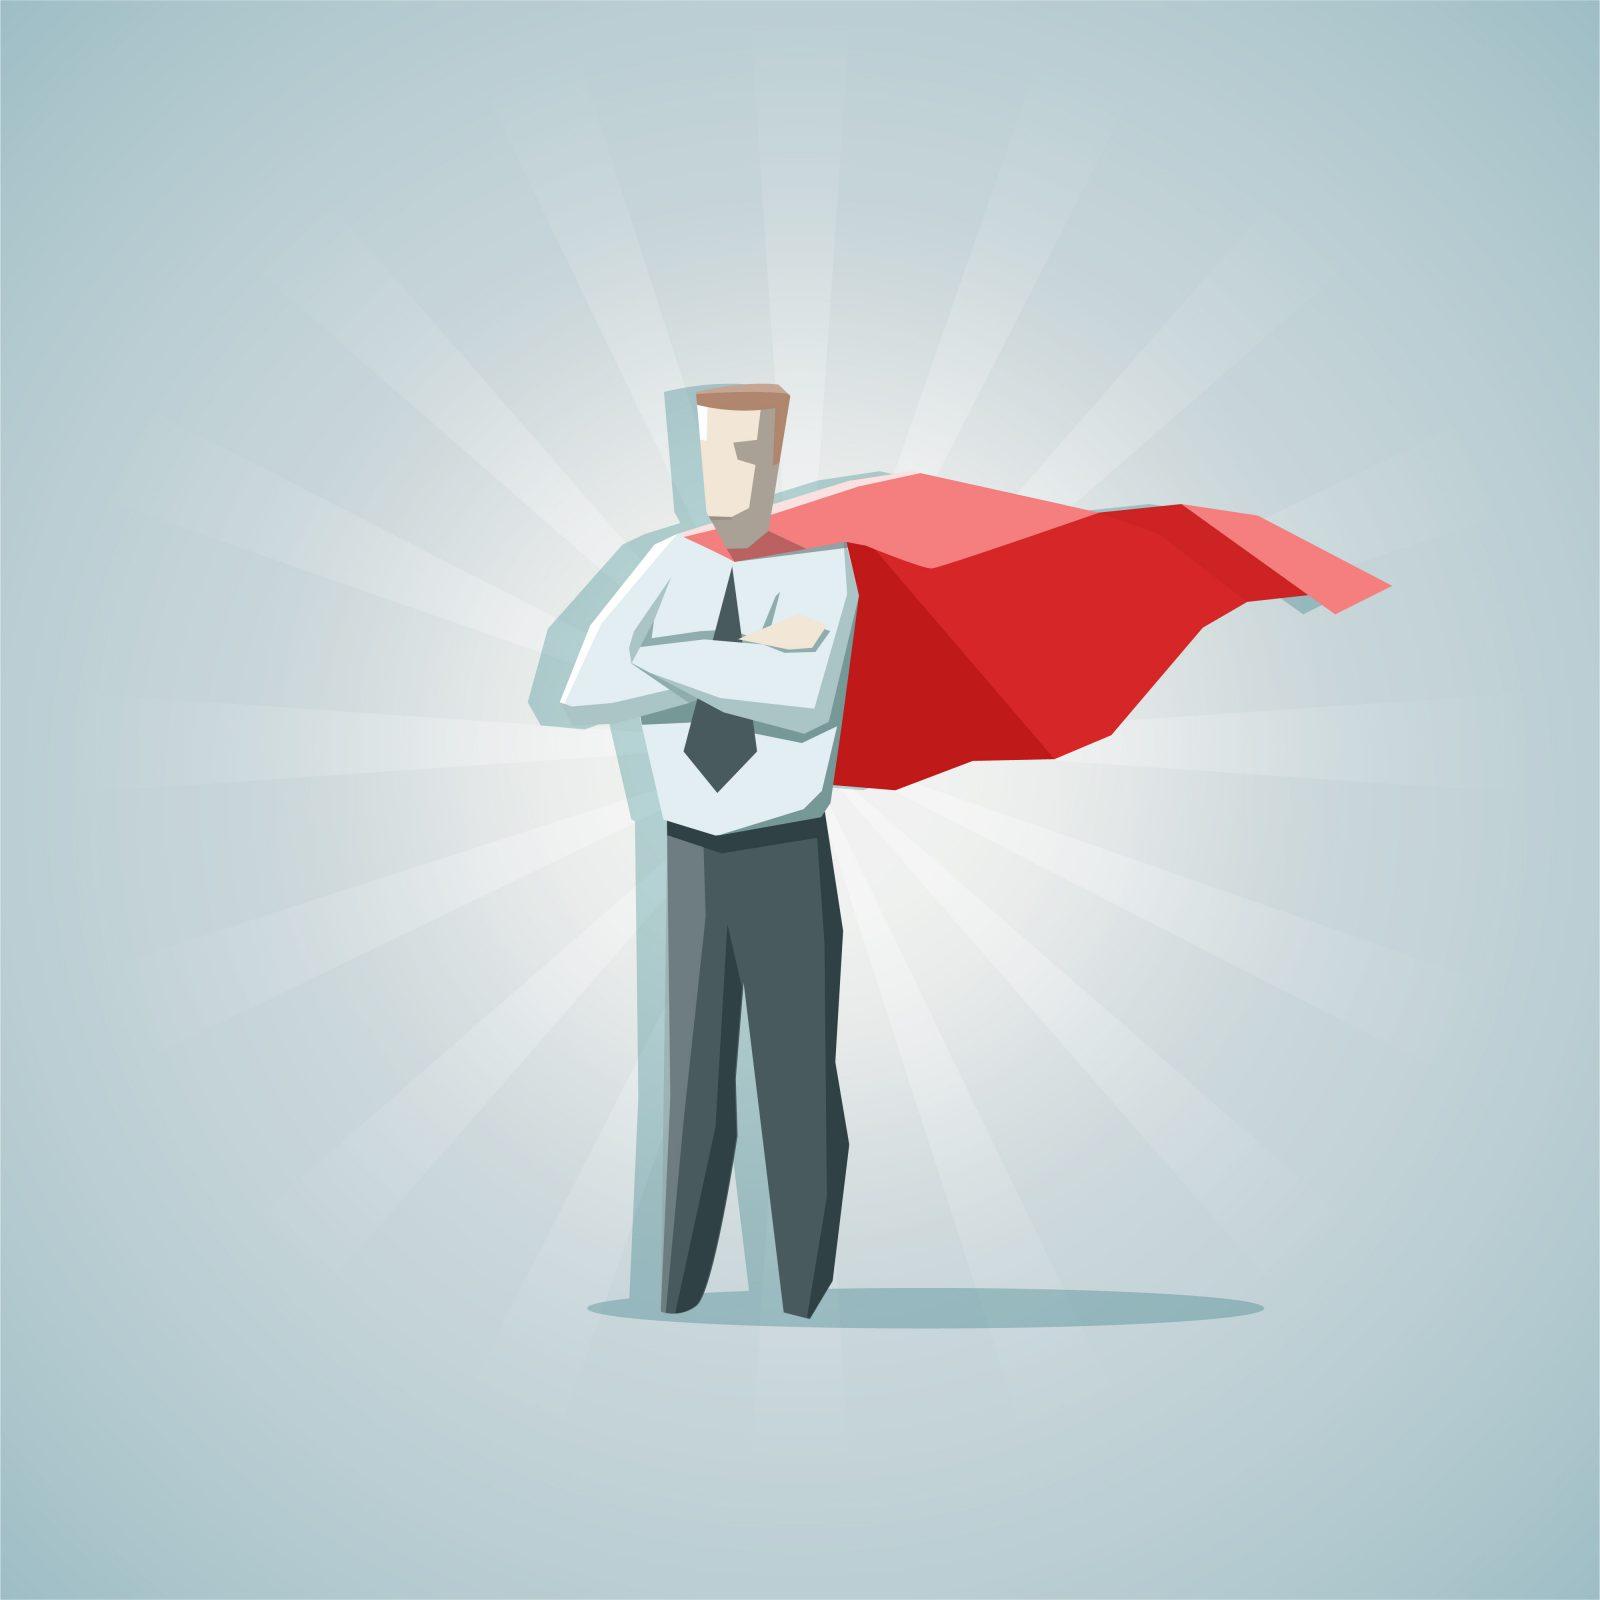 Der Manager-Führungsstil: Soft Skills & neue Konzepte nötig!